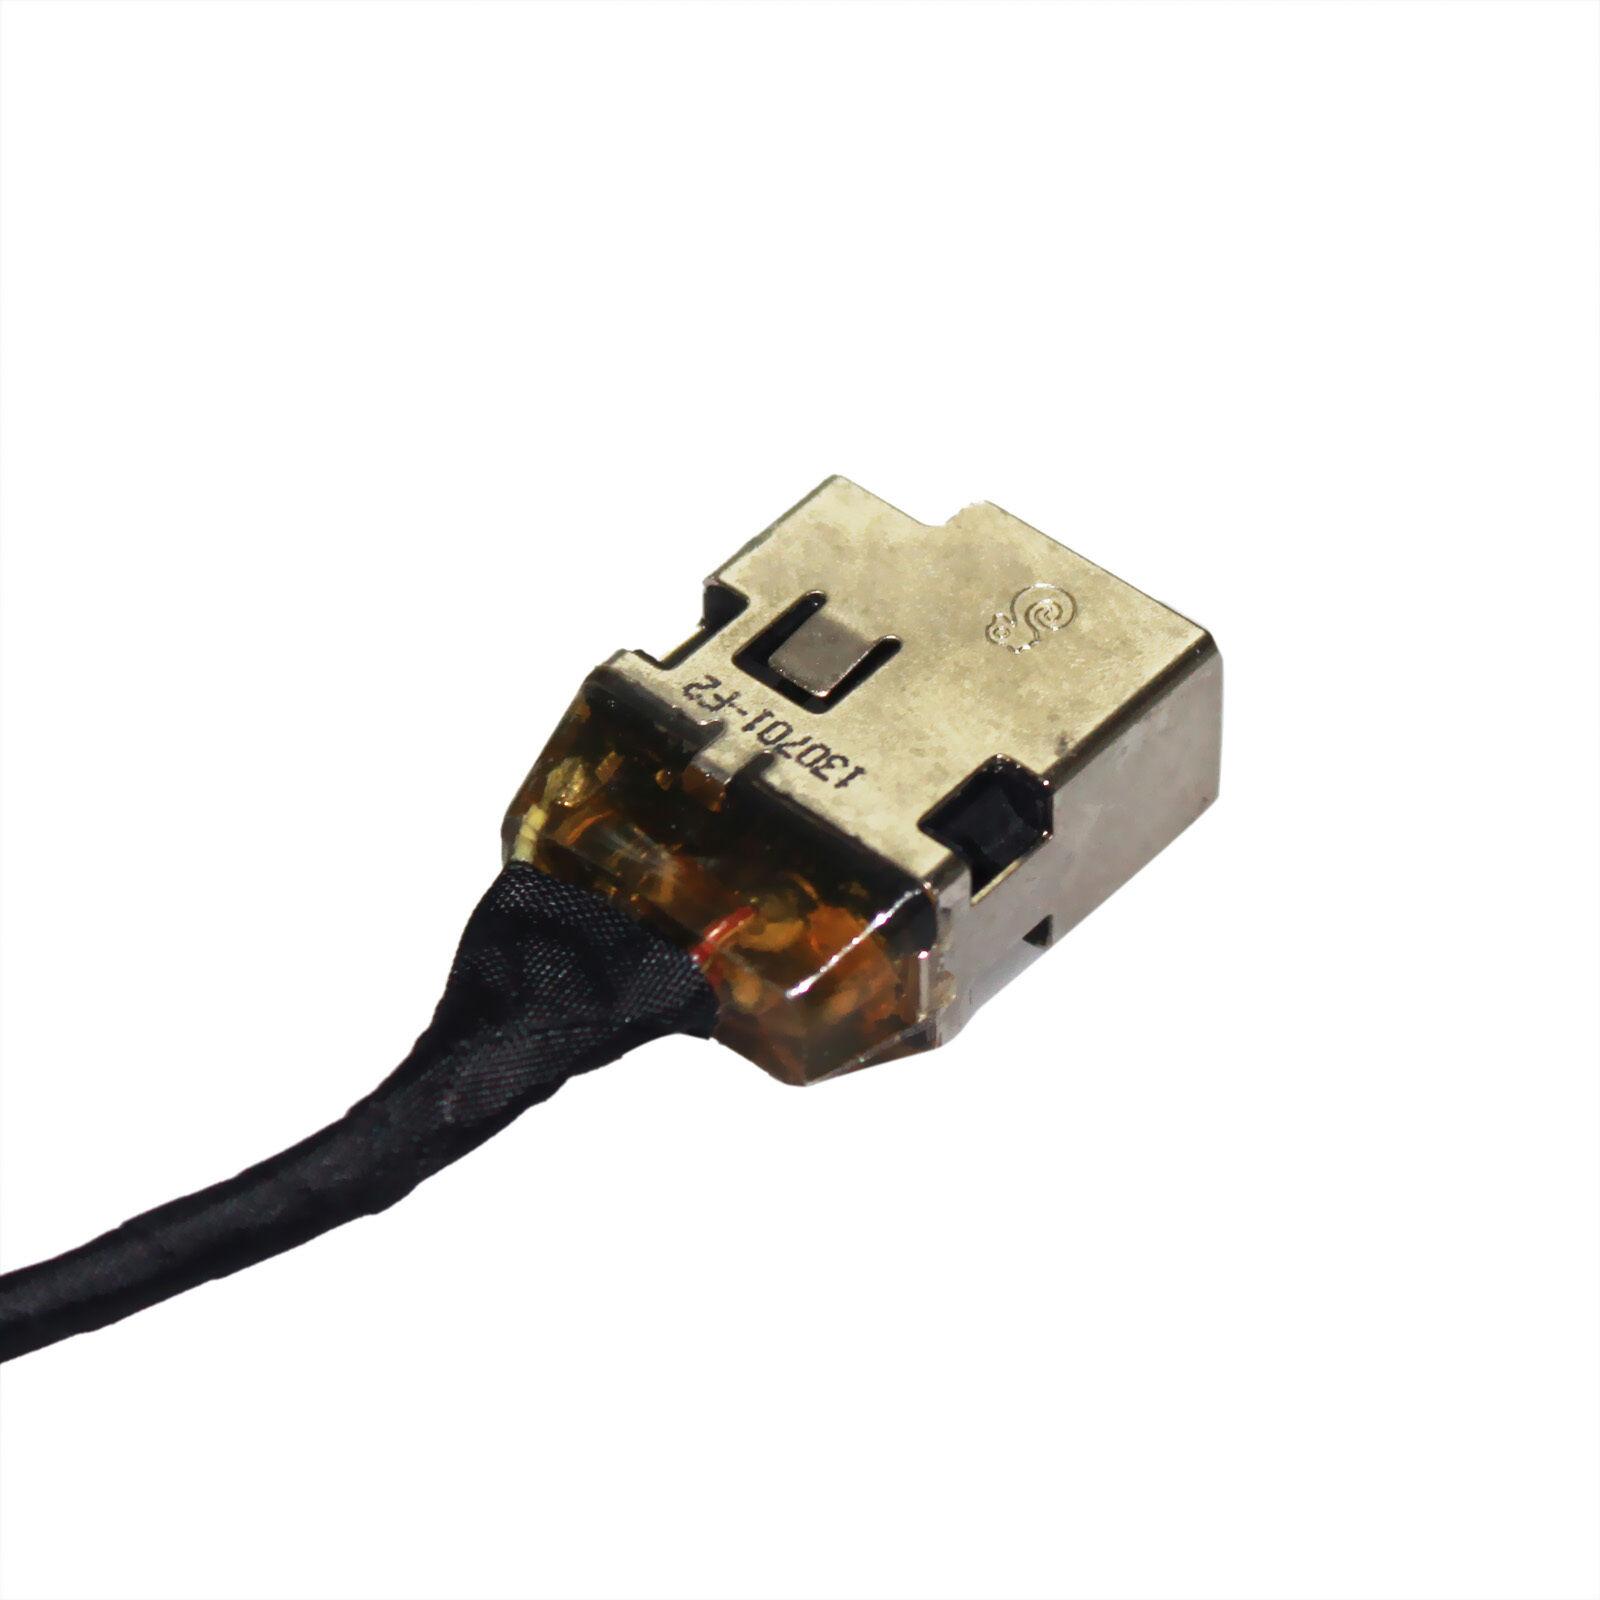 DC POWER JACK FOR HP PAVILION 15-b012nr 15-b119wm 15-b120us 15-b153cl jackfox